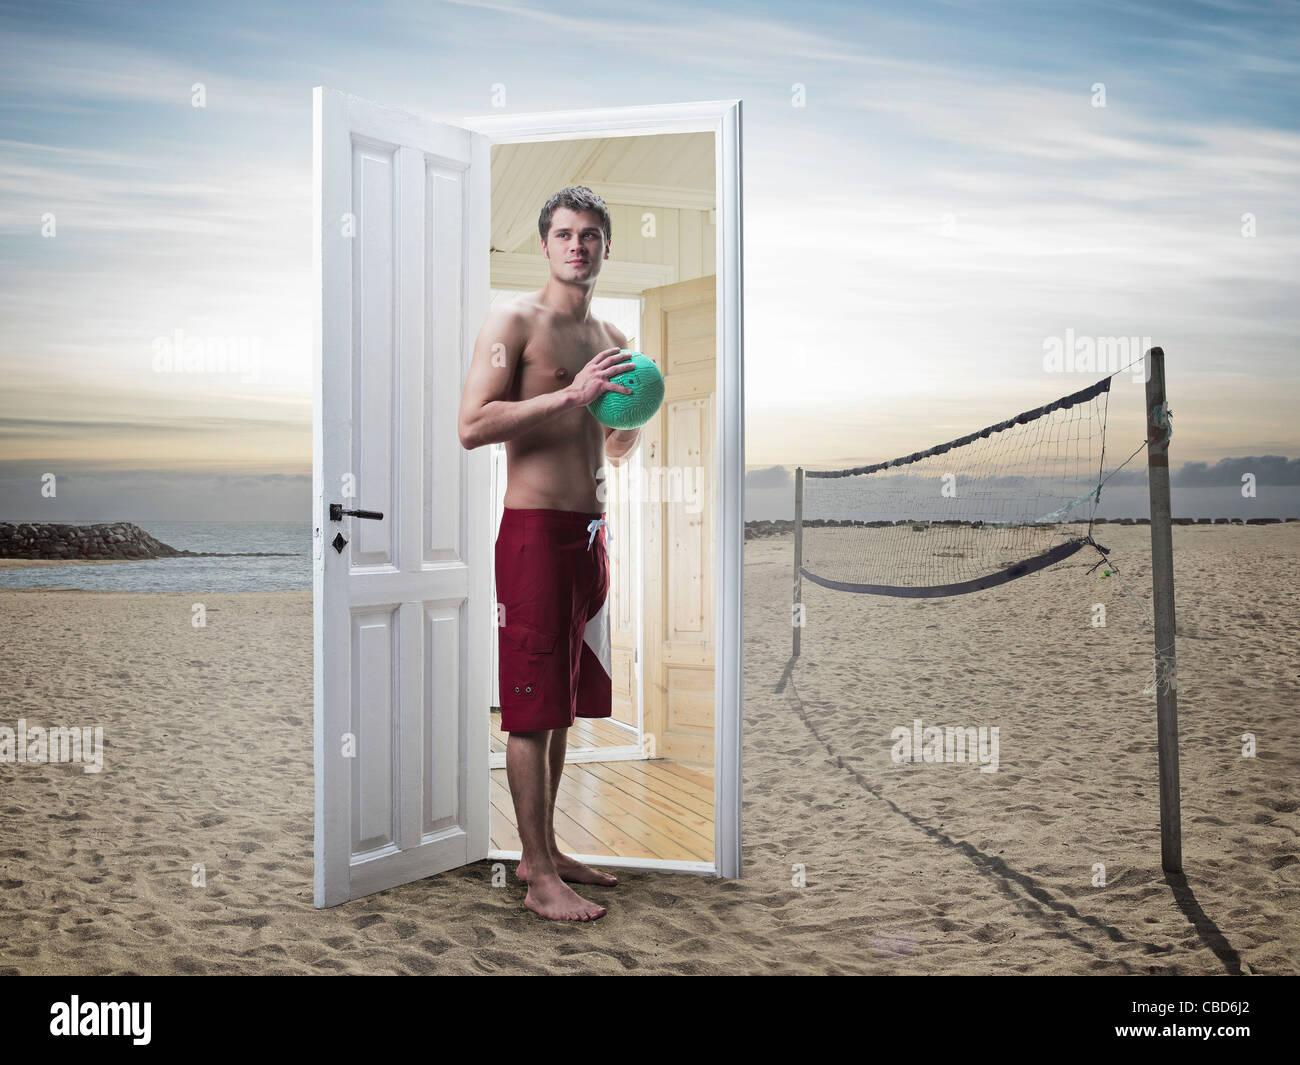 L'uomo che emerge dalla porta sulla spiaggia Immagini Stock